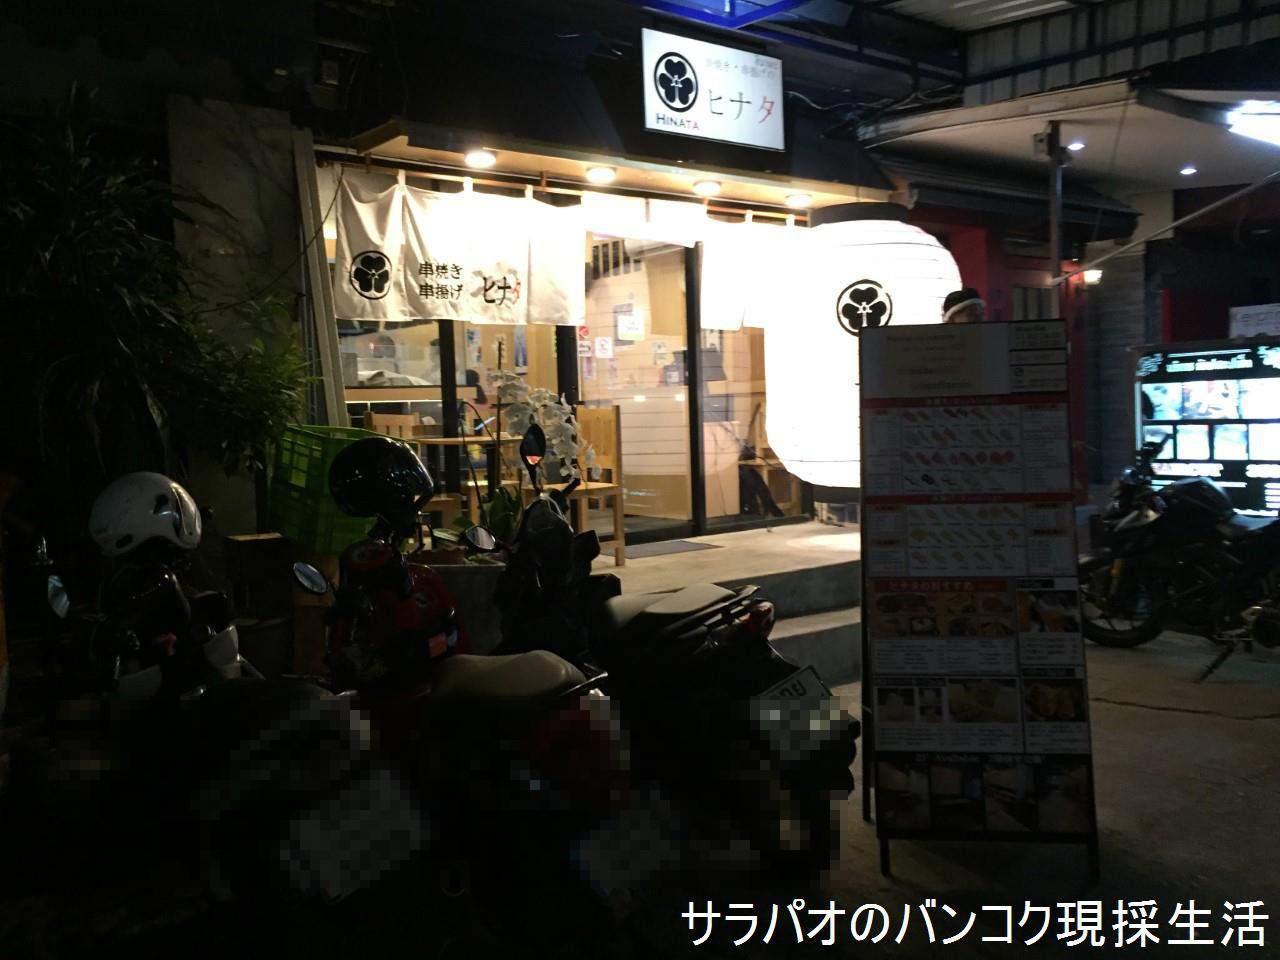 Hinata_01.jpg